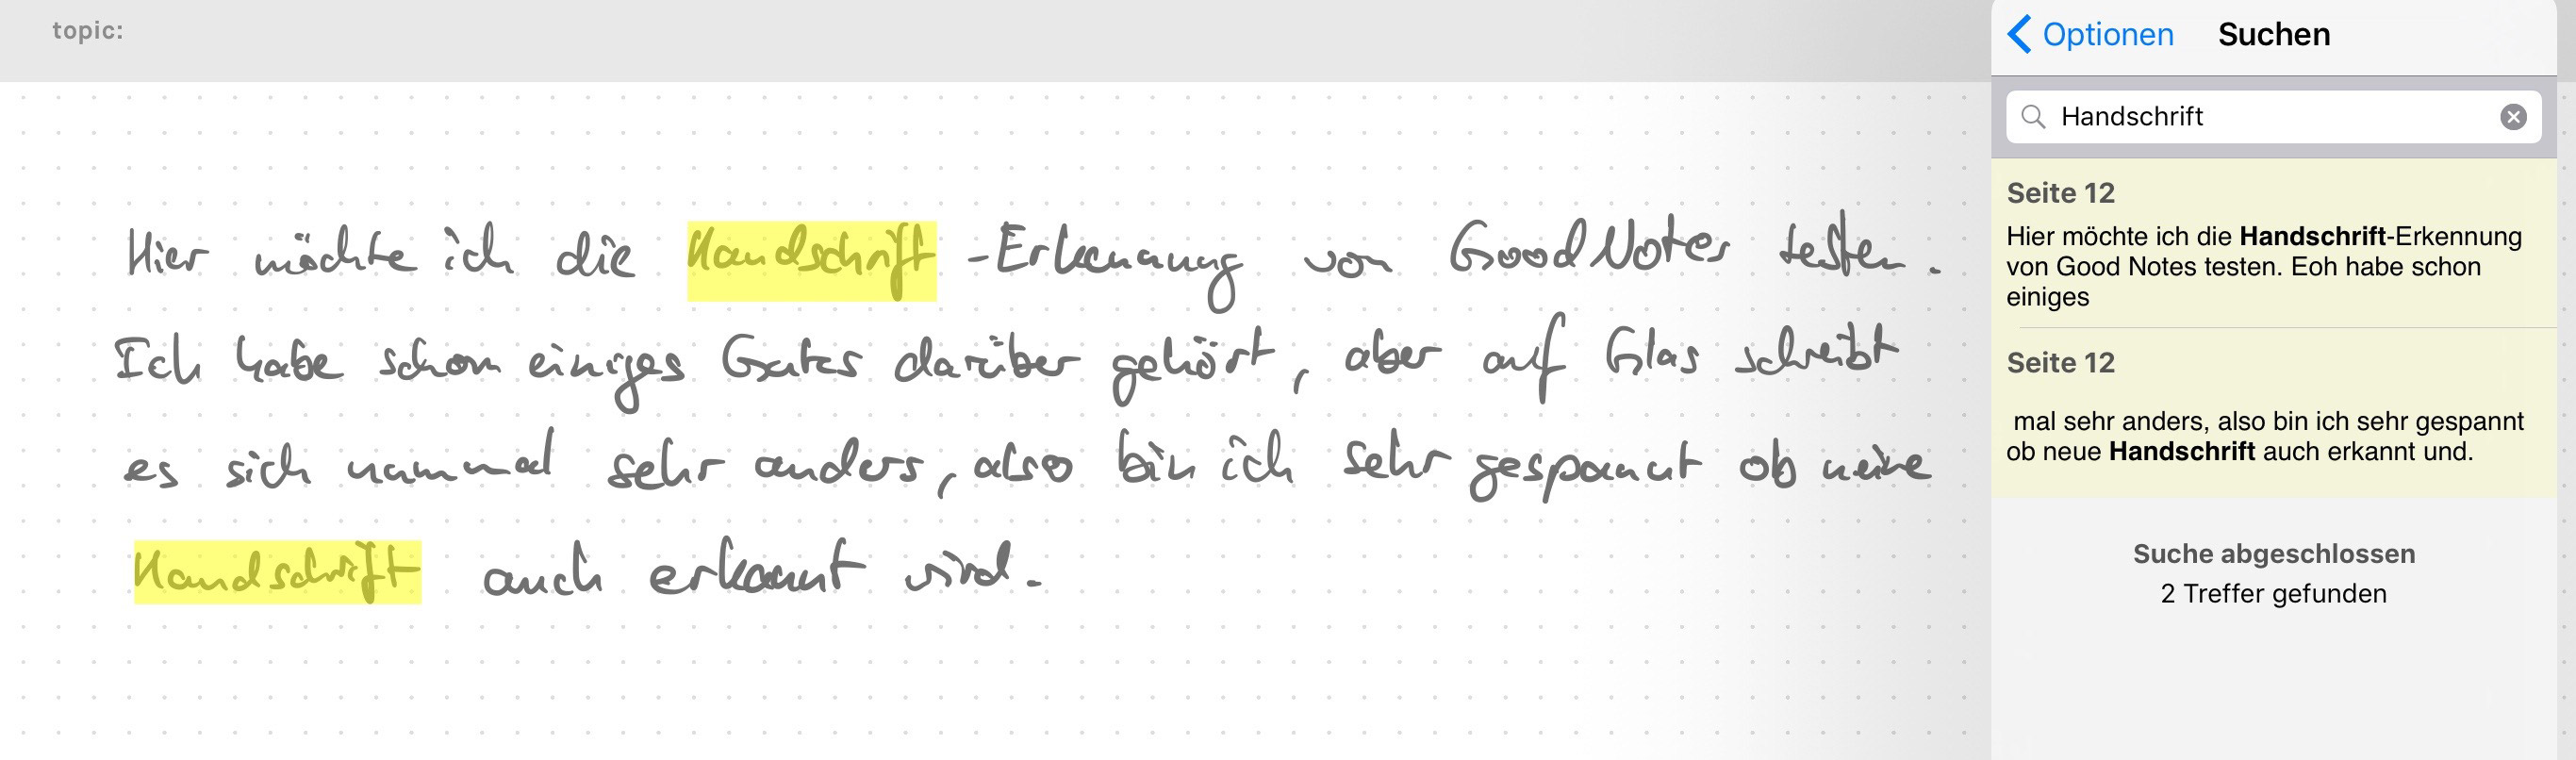 goodnotes-handschrift-erkennung